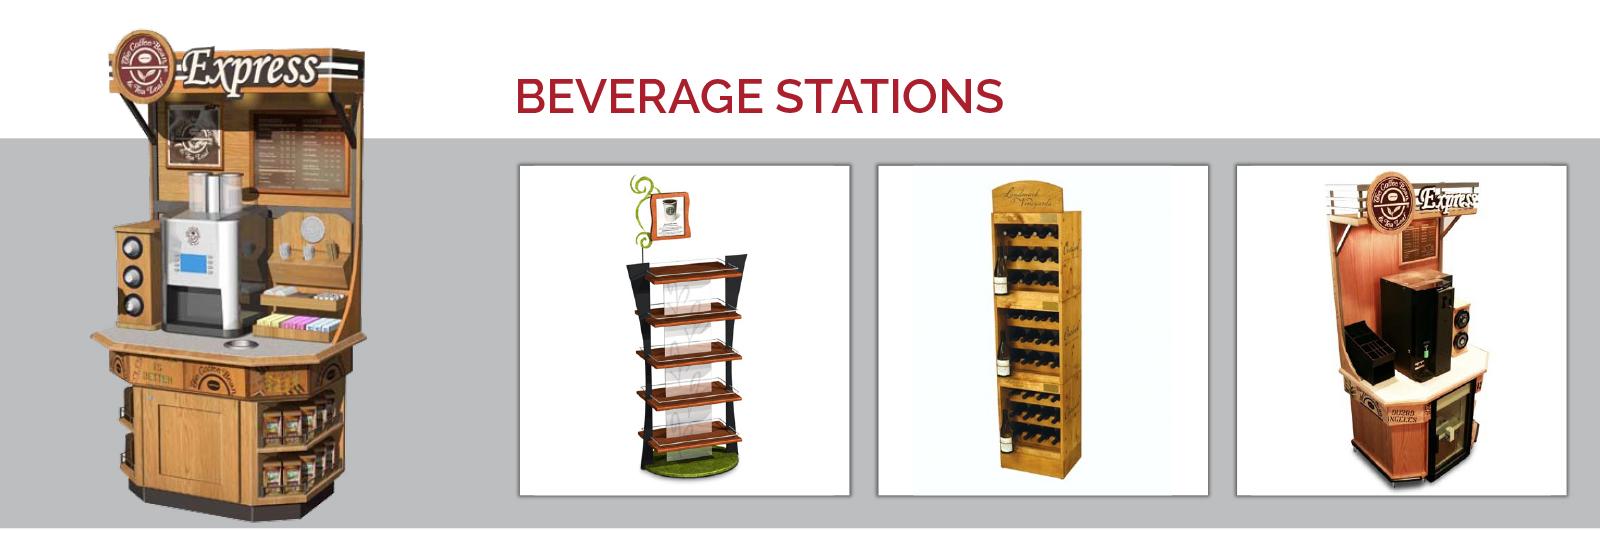 Beverage Stations